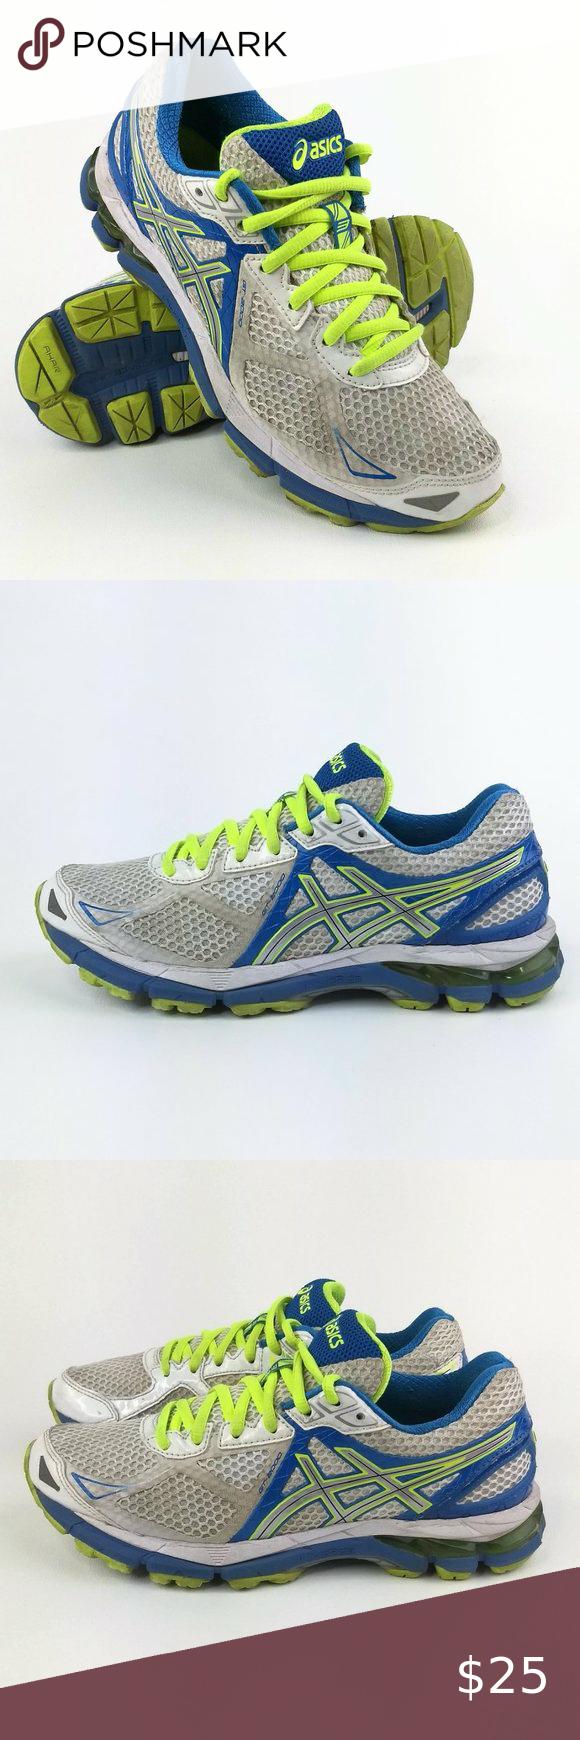 Asics GT-2000 3 Running Shoes Womens